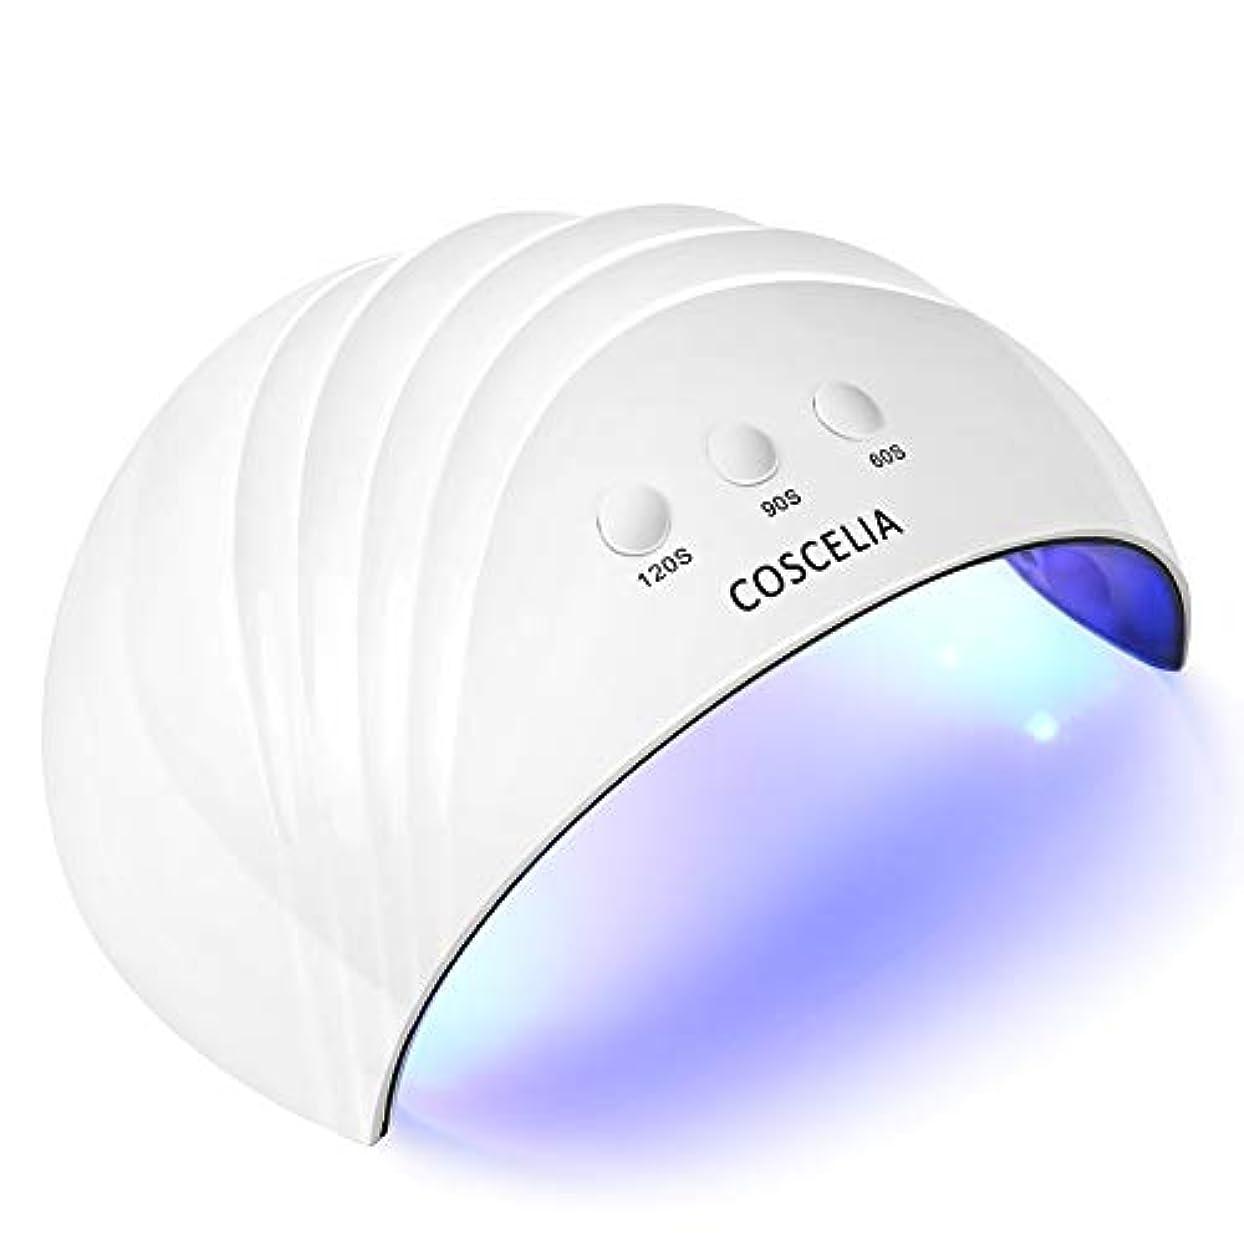 スケルトンひいきにする信条24W ホワイト ネイルライト 硬化用UV/LEDライト ネイルドライヤー ネイル道具?ケアツール 硬化用ライト マニキュア ネイルアートツール